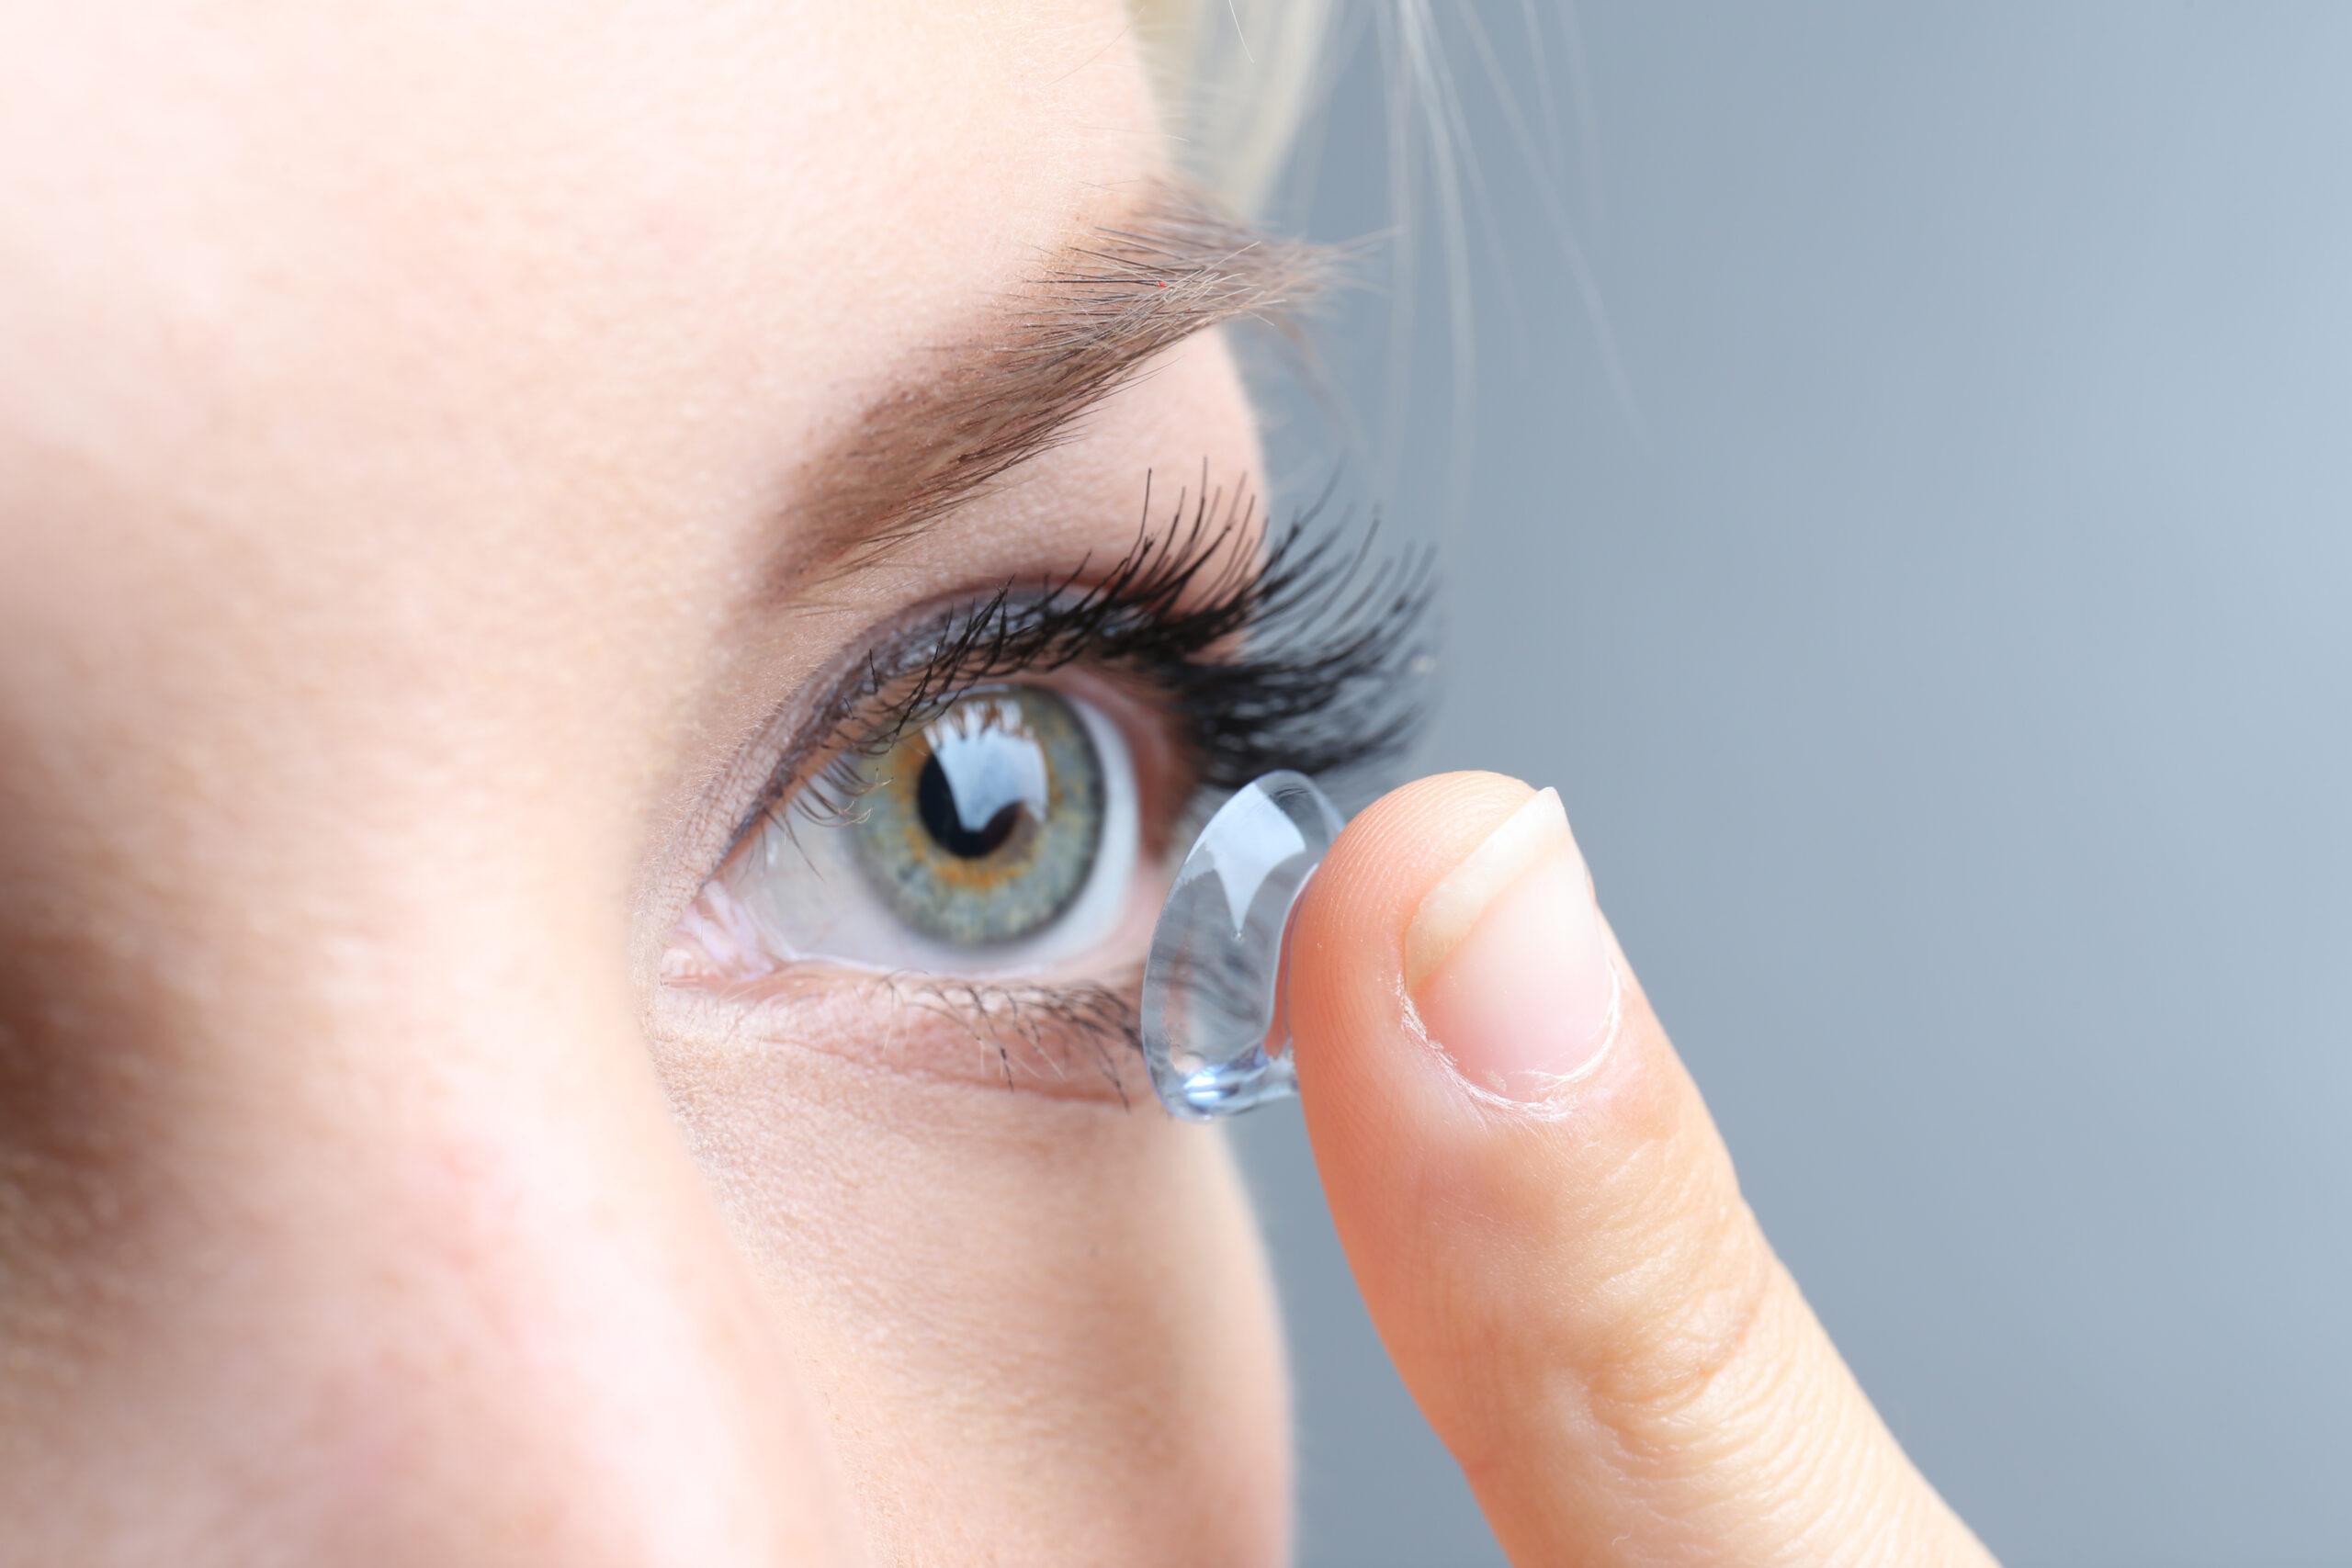 lentile colorate fără corecție a vederii principalele caracteristici ale vederii legate de vârstă